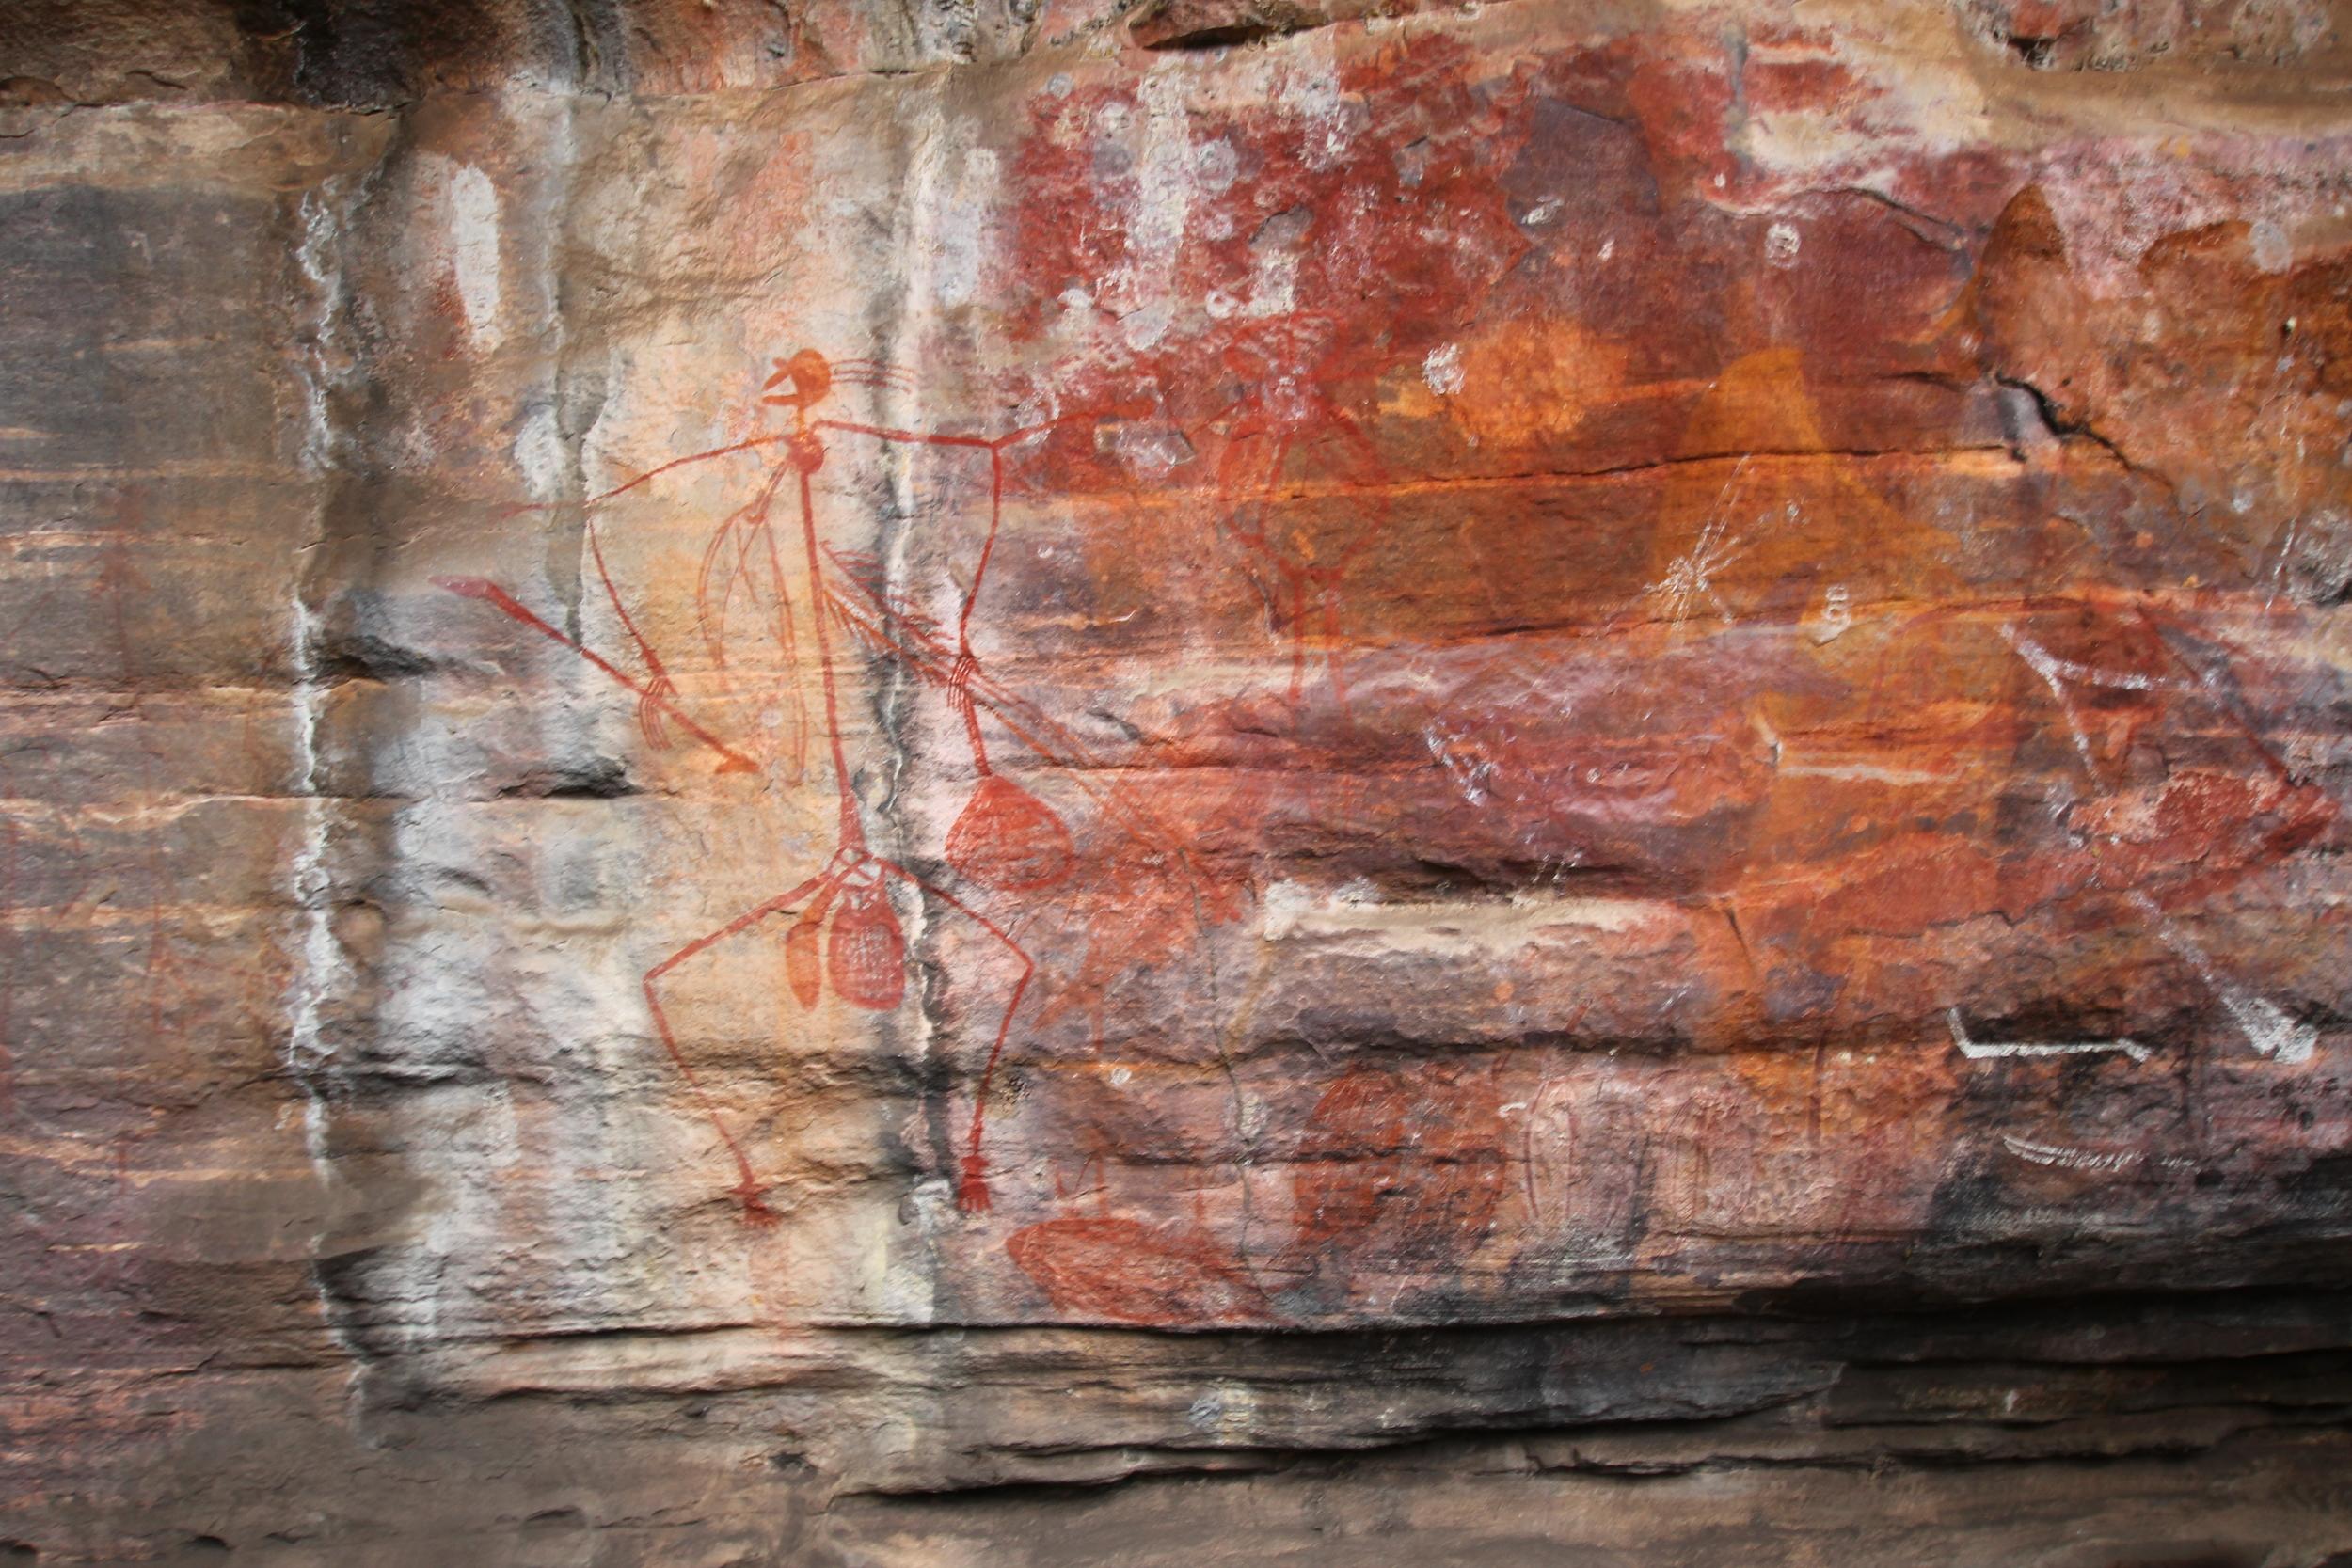 Ubirr Rock Art, Kakatu